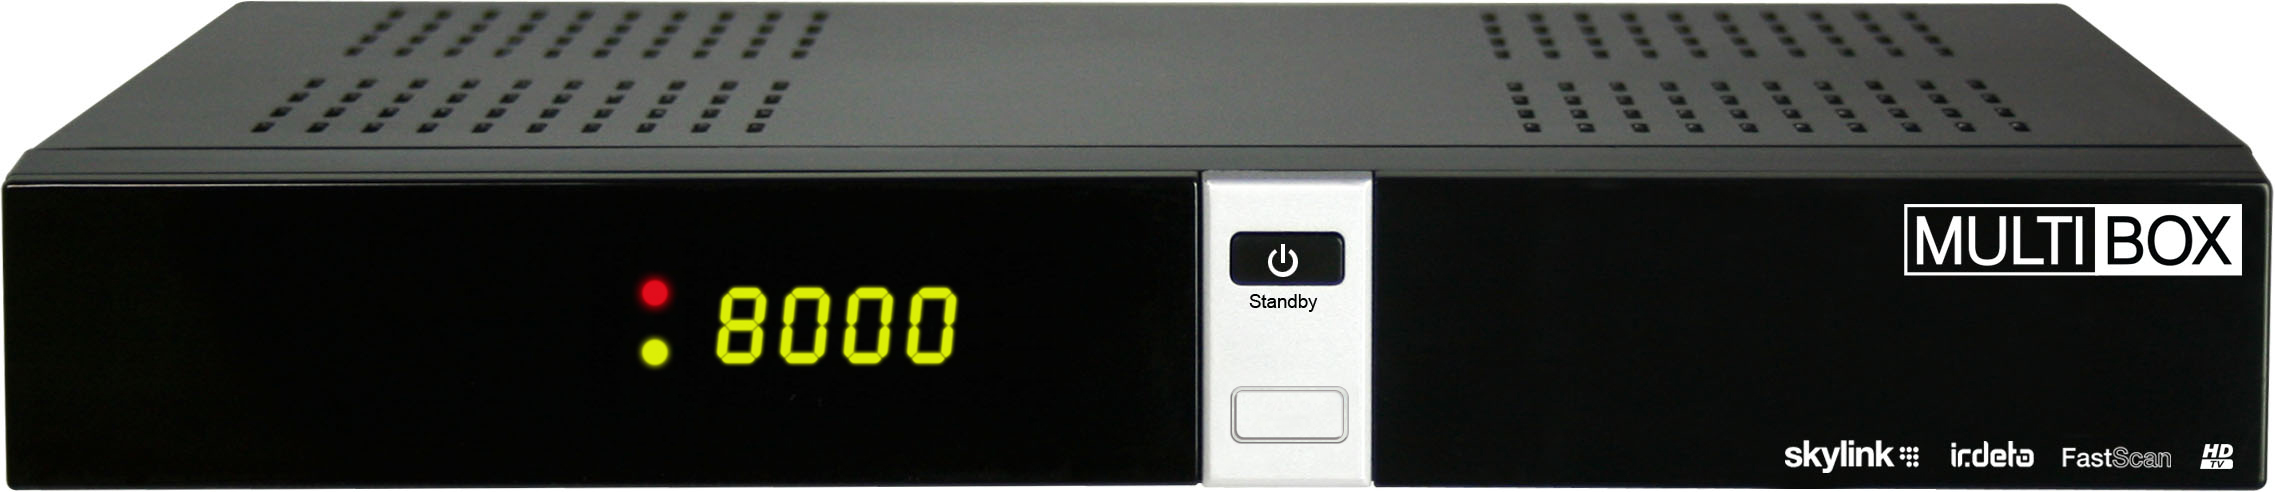 OPTIBOX Dotovaný Multibox HD DVB-S2 přijímač Skylink ready